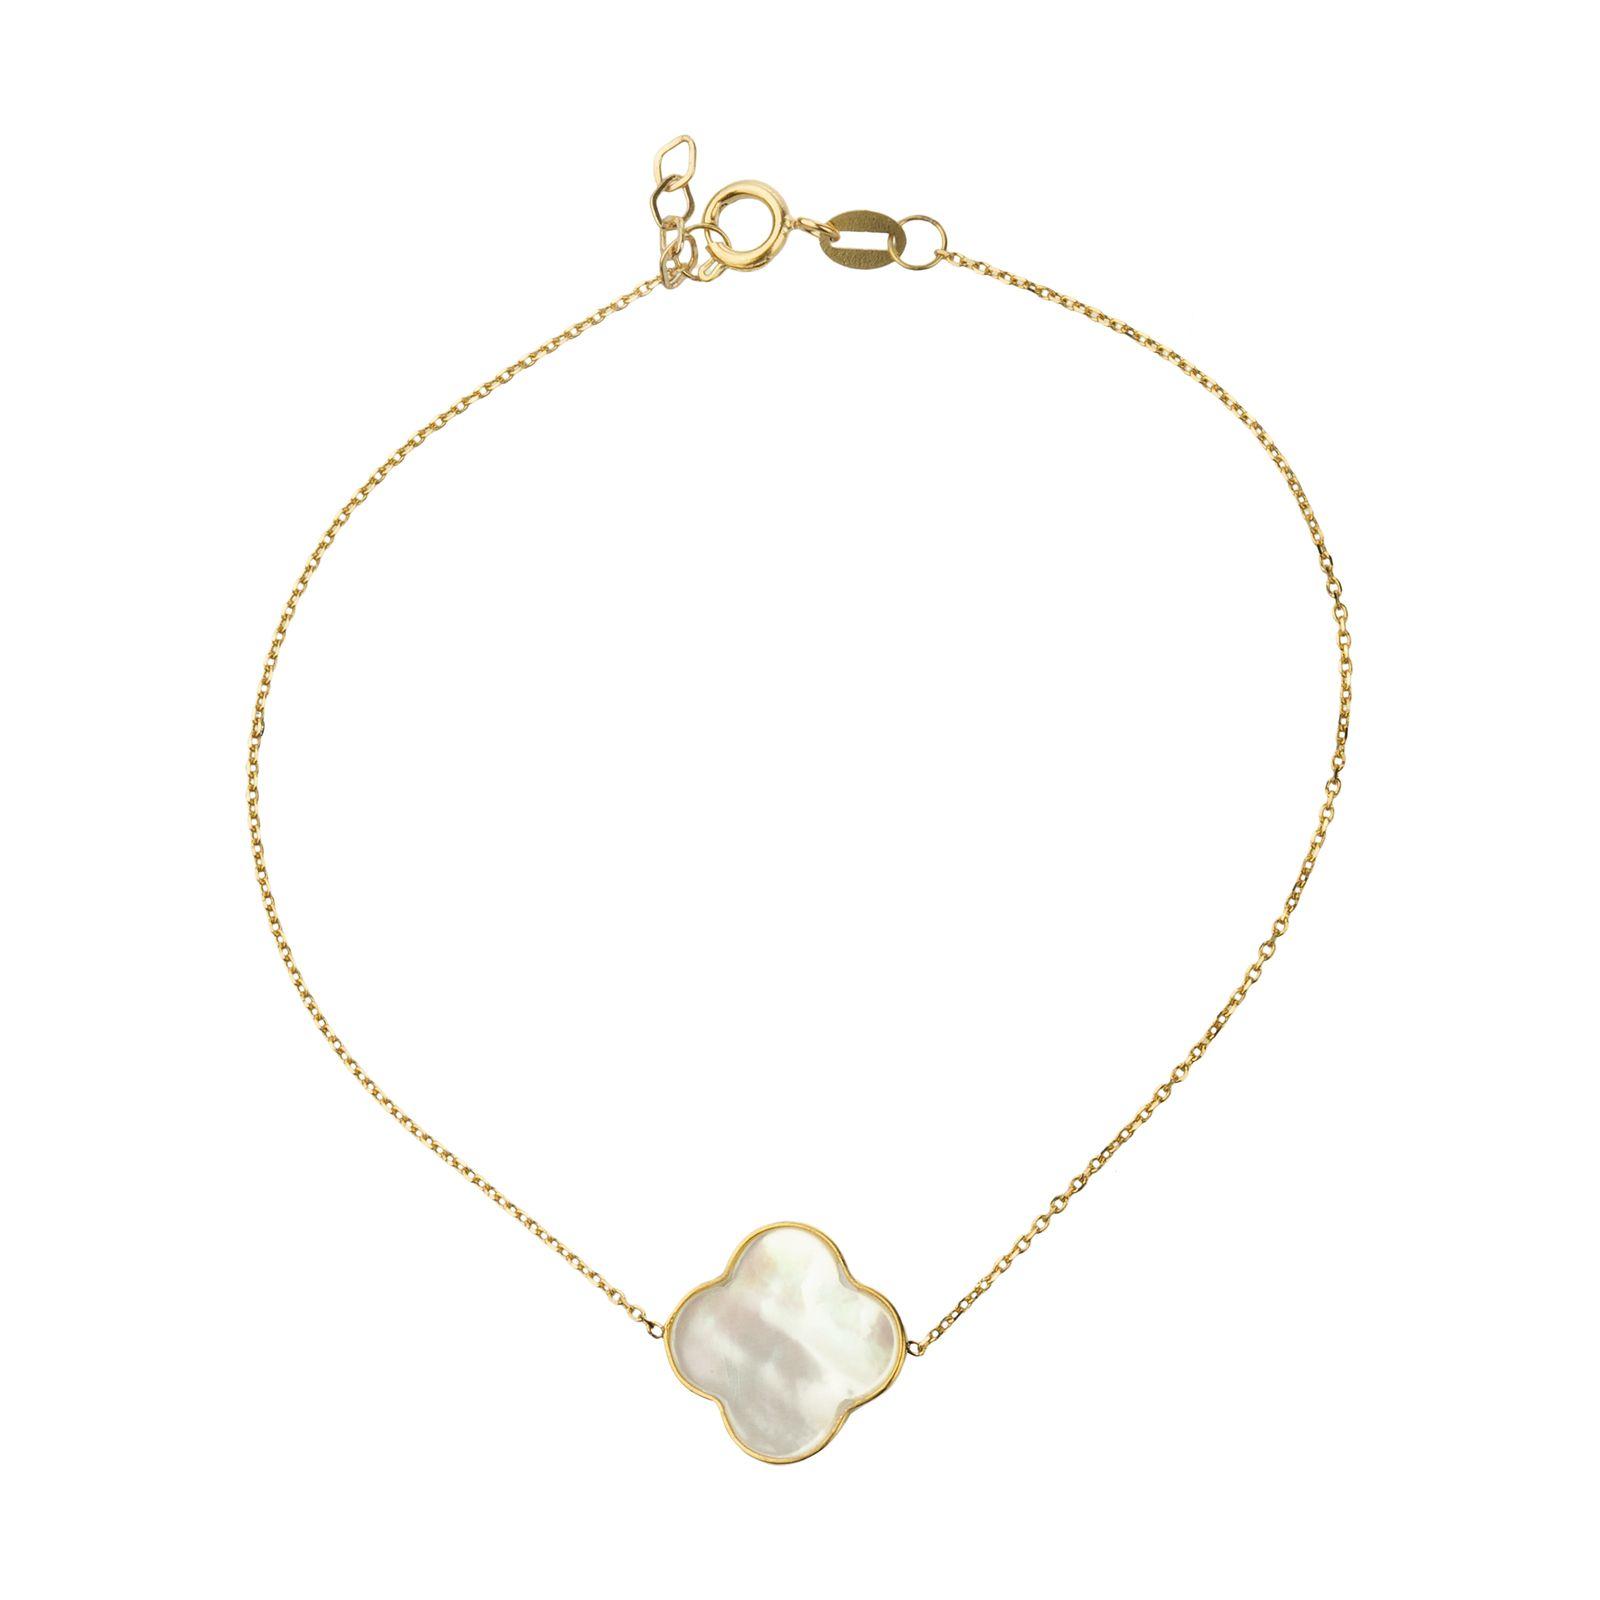 دستبند طلا 18 عیار زنانه میو گلد مدل GD627 -  - 2